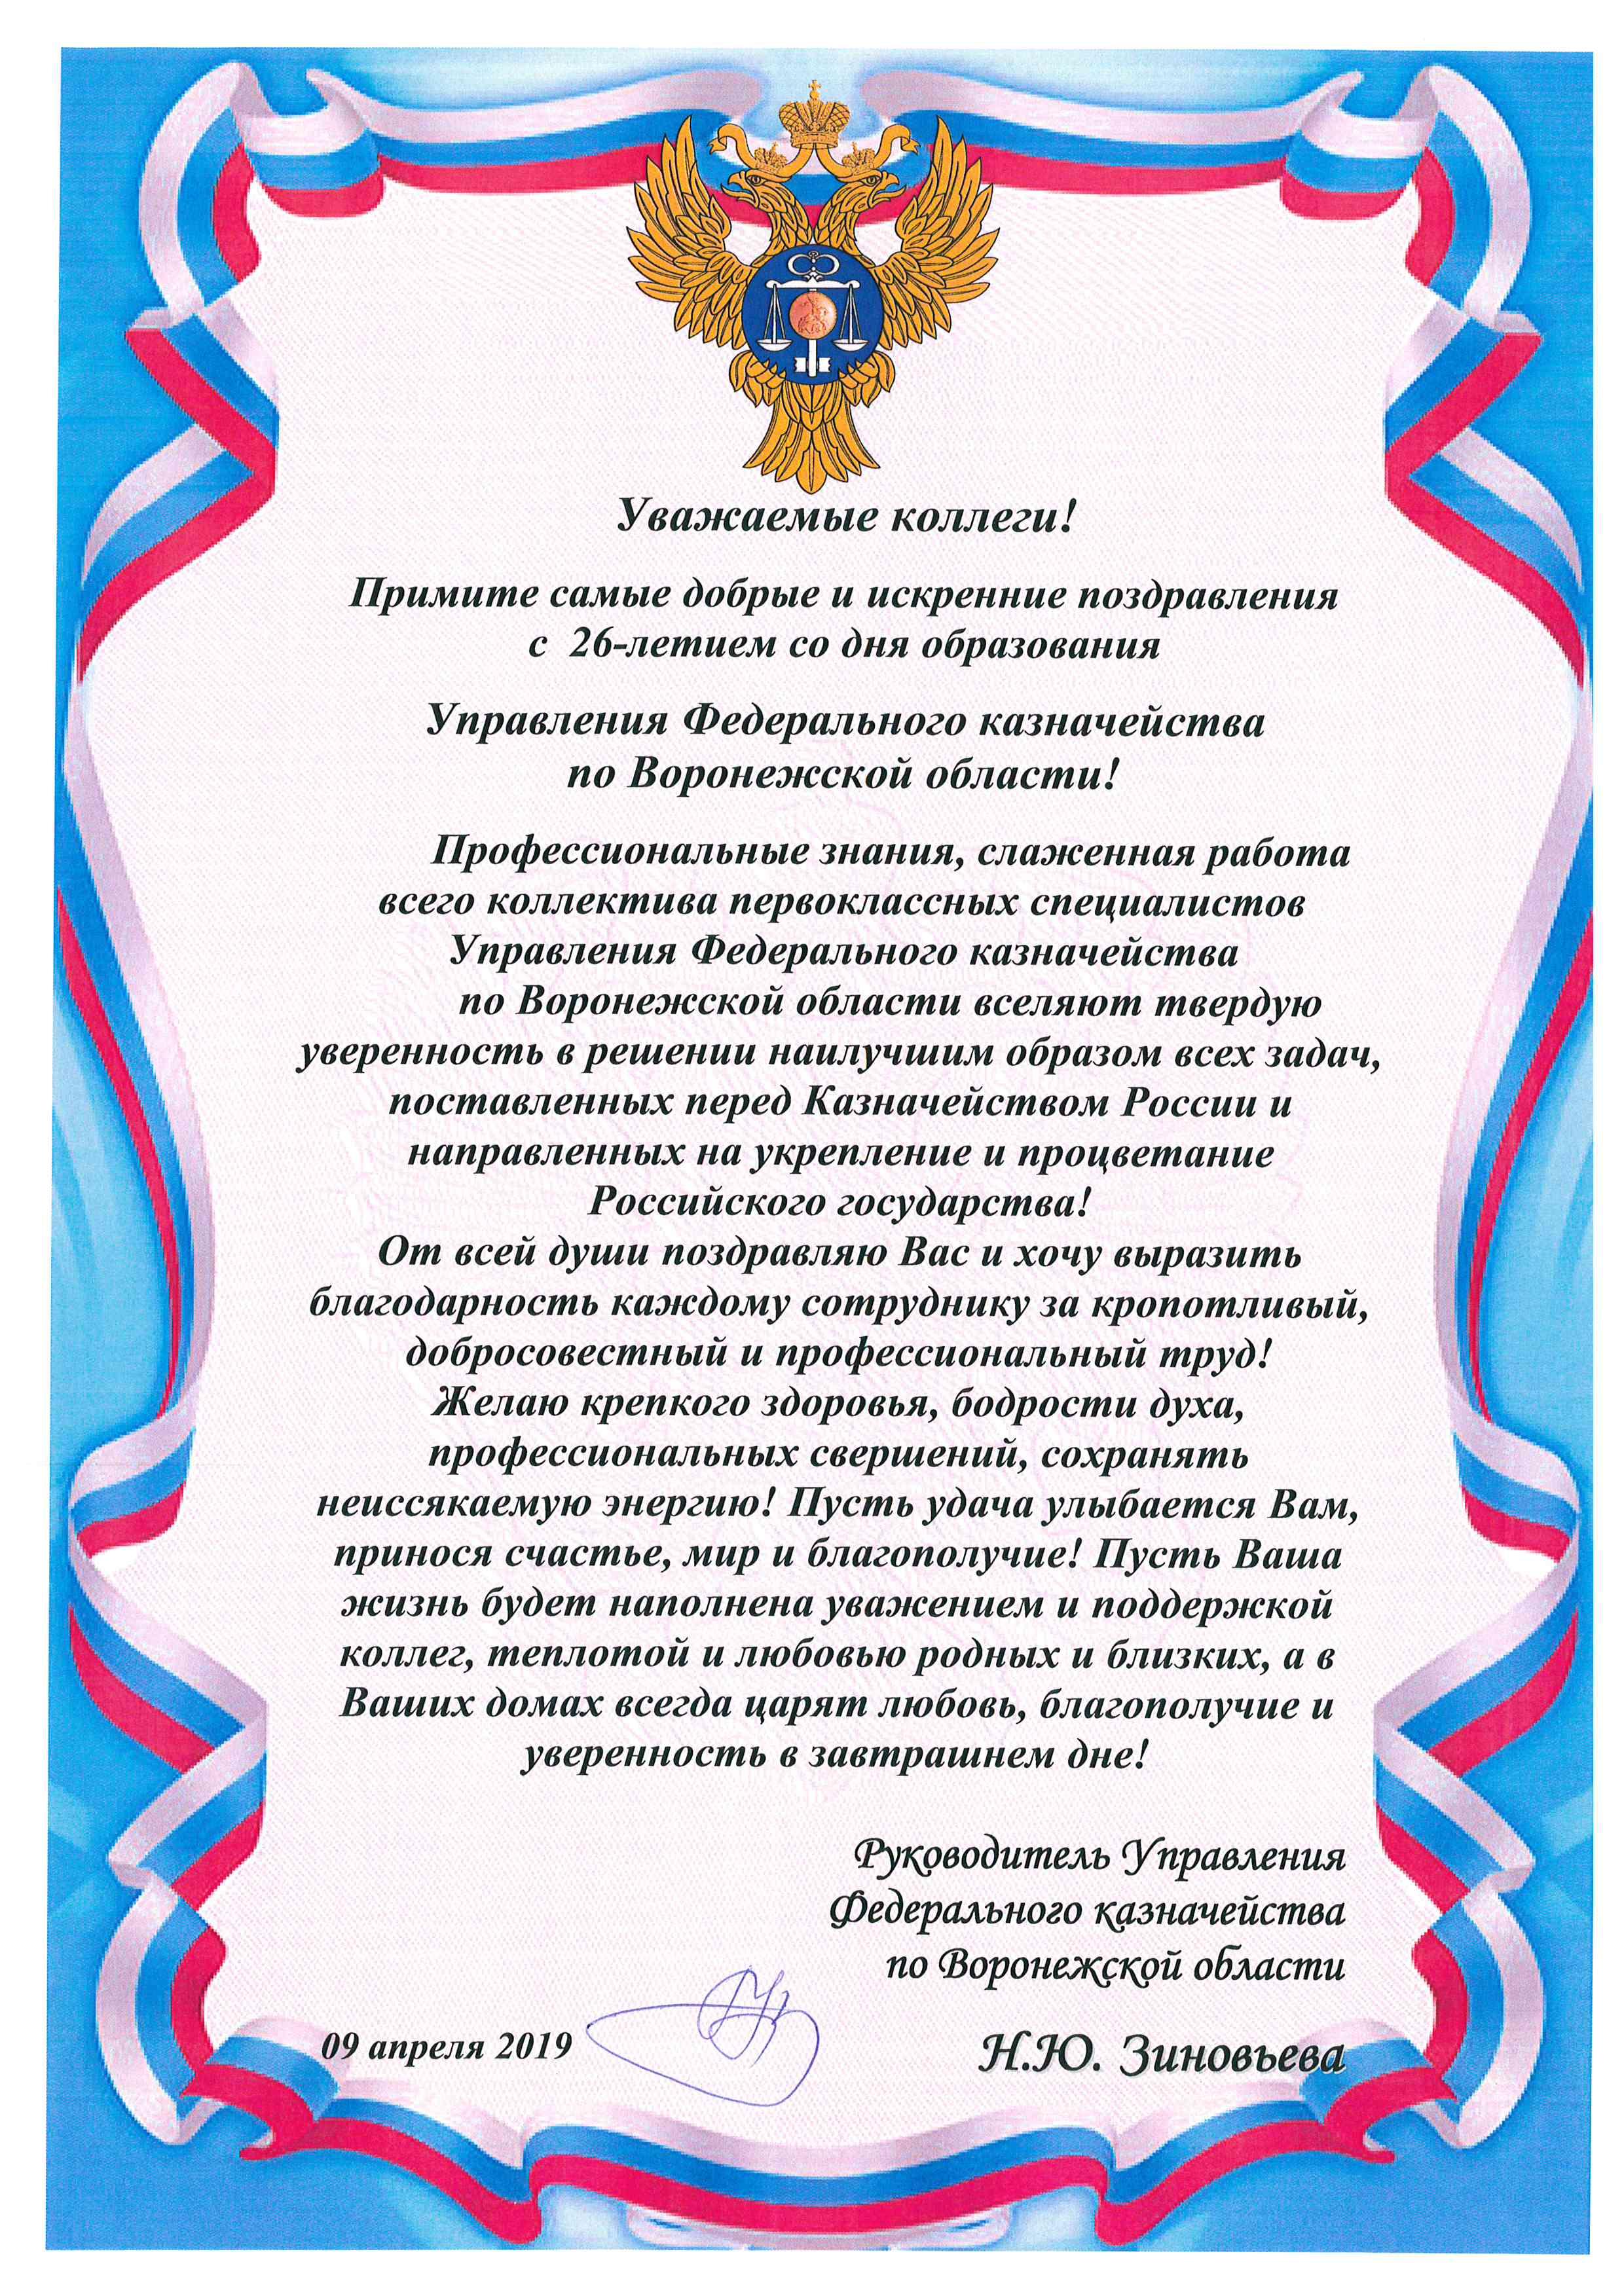 шоколад день образования министерства поздравления копируя